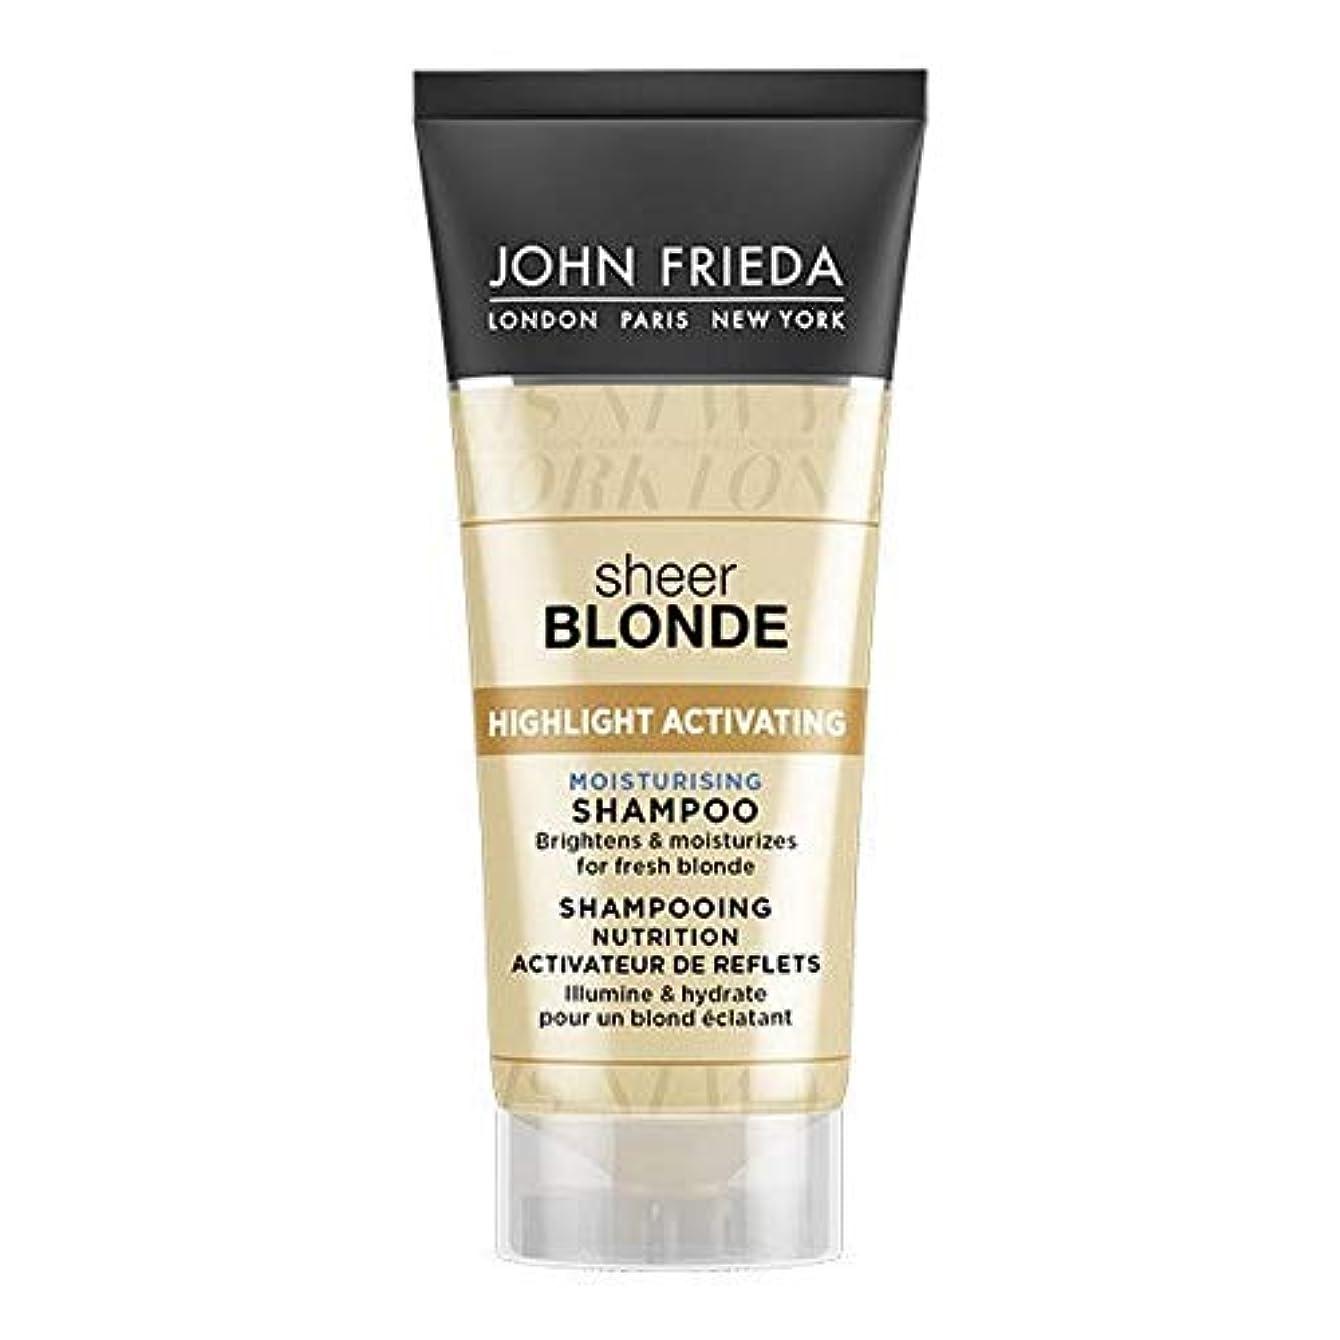 下線傷つけるデンマーク[John Frieda ] ジョン?フリーダ膨大なブロンドハイライト/行為シャンプープラチナ50ミリリットル - John Frieda Sheer Blonde Highlight/Act Shampoo Platinum 50ml [並行輸入品]